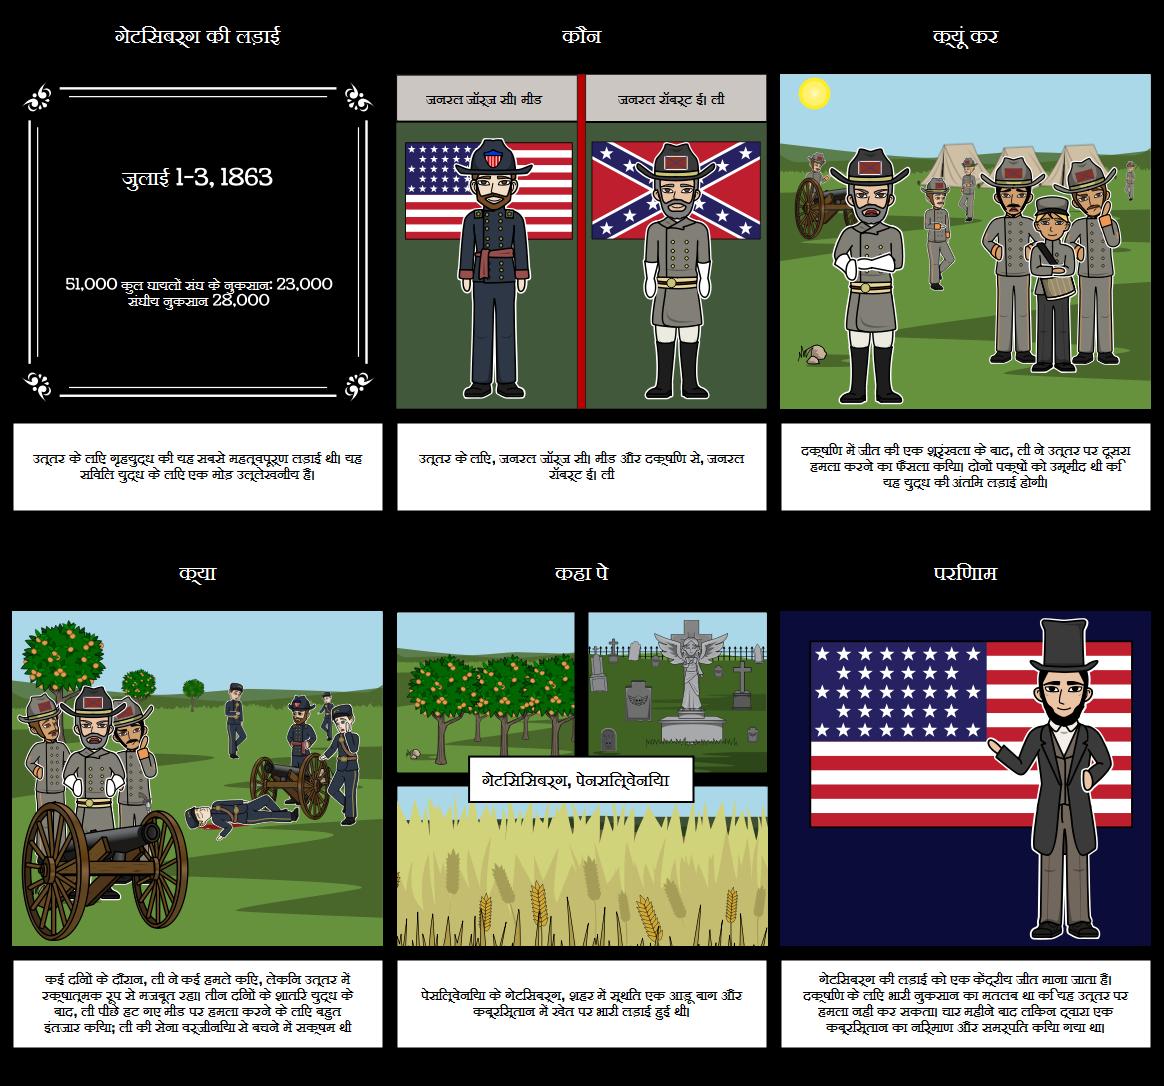 Gettysburg की लड़ाई - गृहयुद्ध की लड़ाई